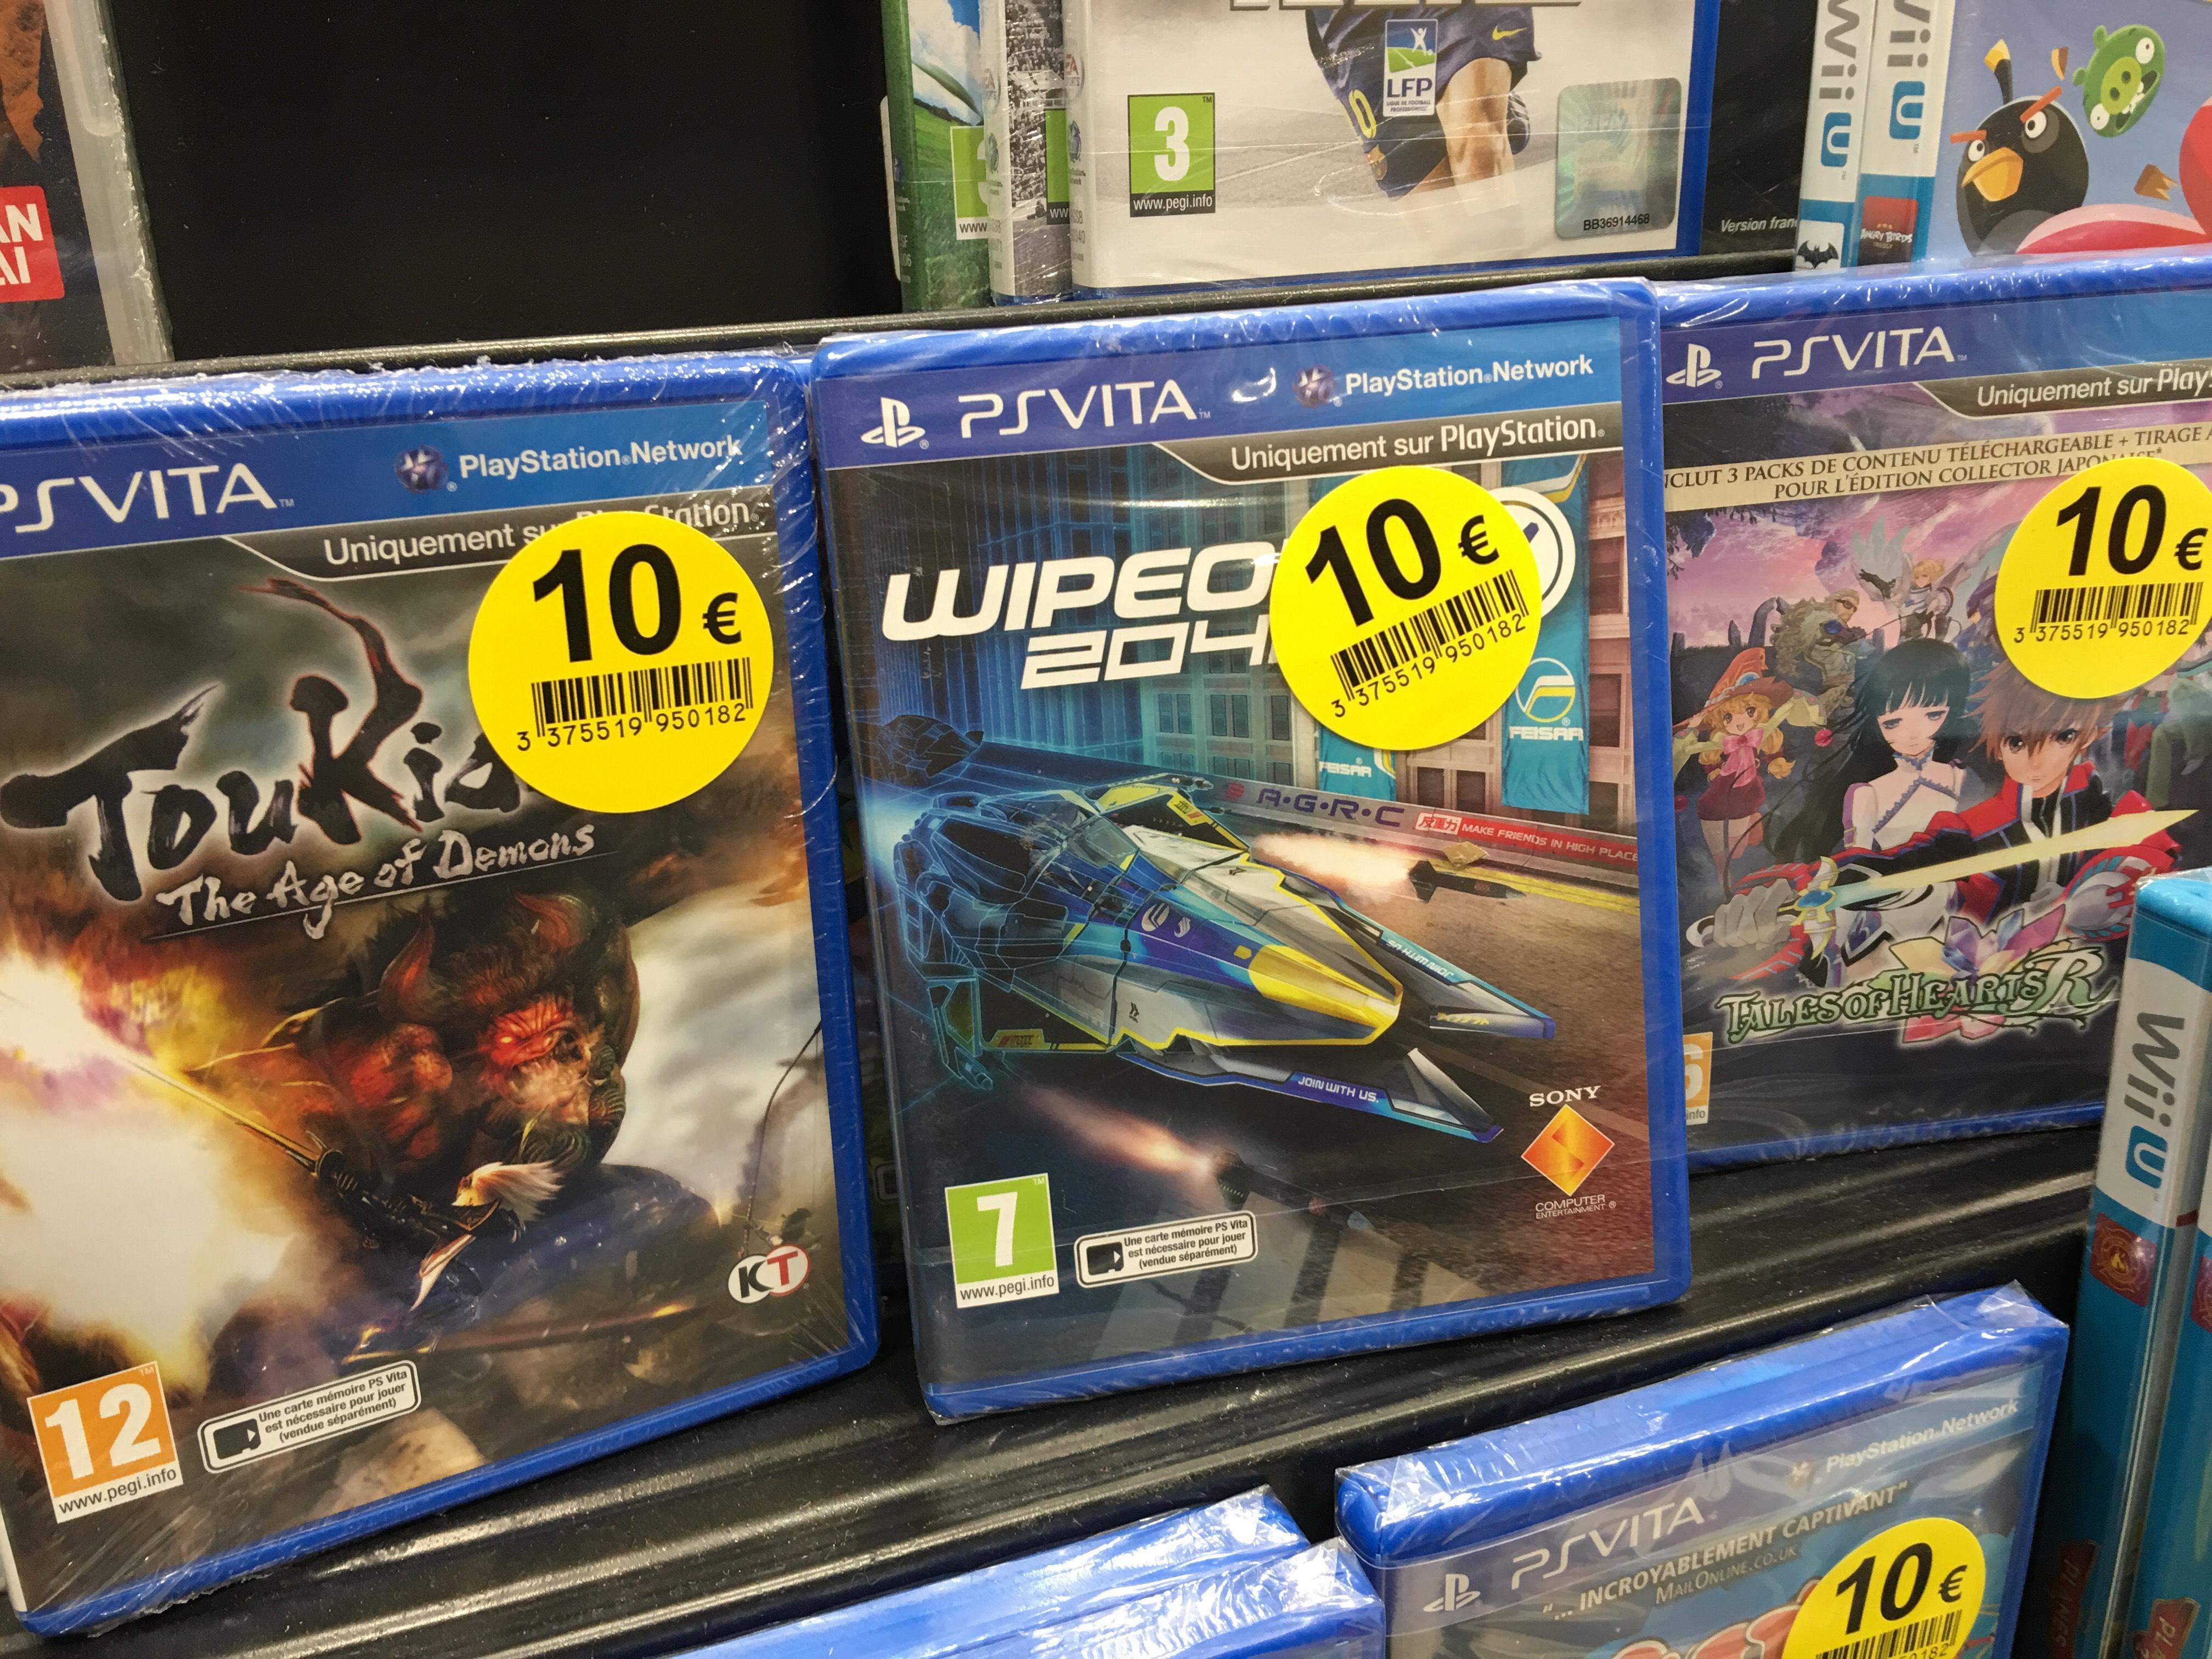 Sélection de jeux vidéos (3DS, PS Vita, PS4) - Ex : Jeu Wipeout 2048 sur PS Vita